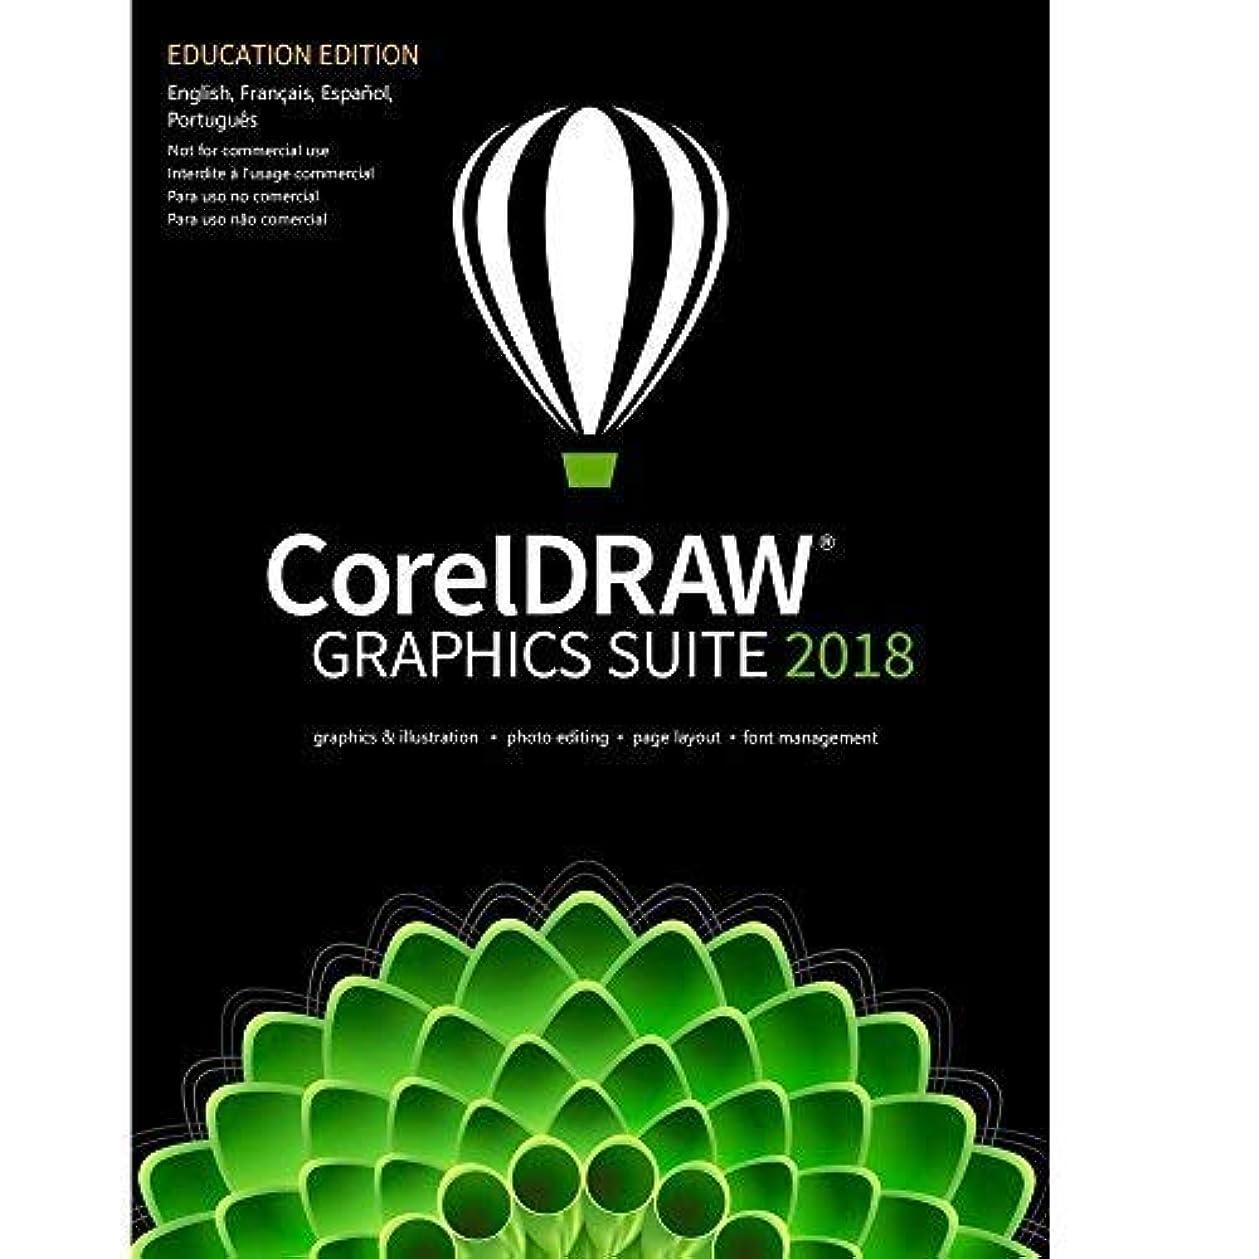 祖父母を訪問エンディング驚いたことに【並行輸入品】Coreldraw Graphics Suite 2018 Education Edition